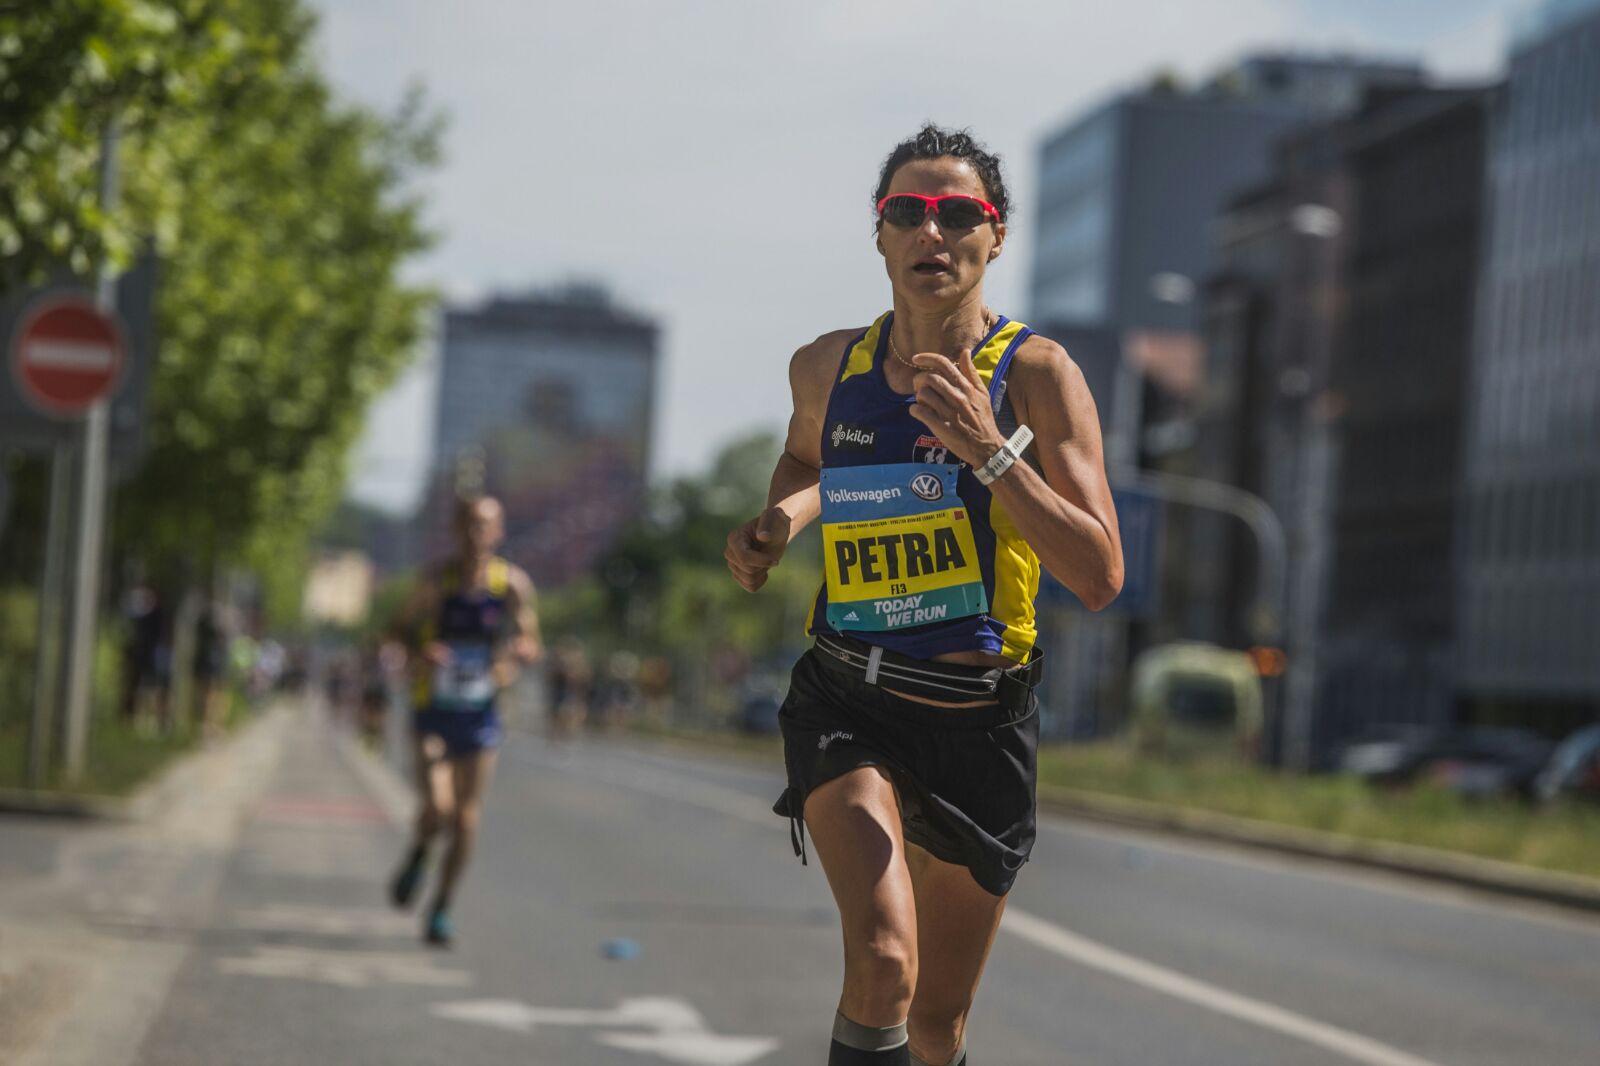 Лучшая чешка на Prague marathon 2018 Petra Pastorova